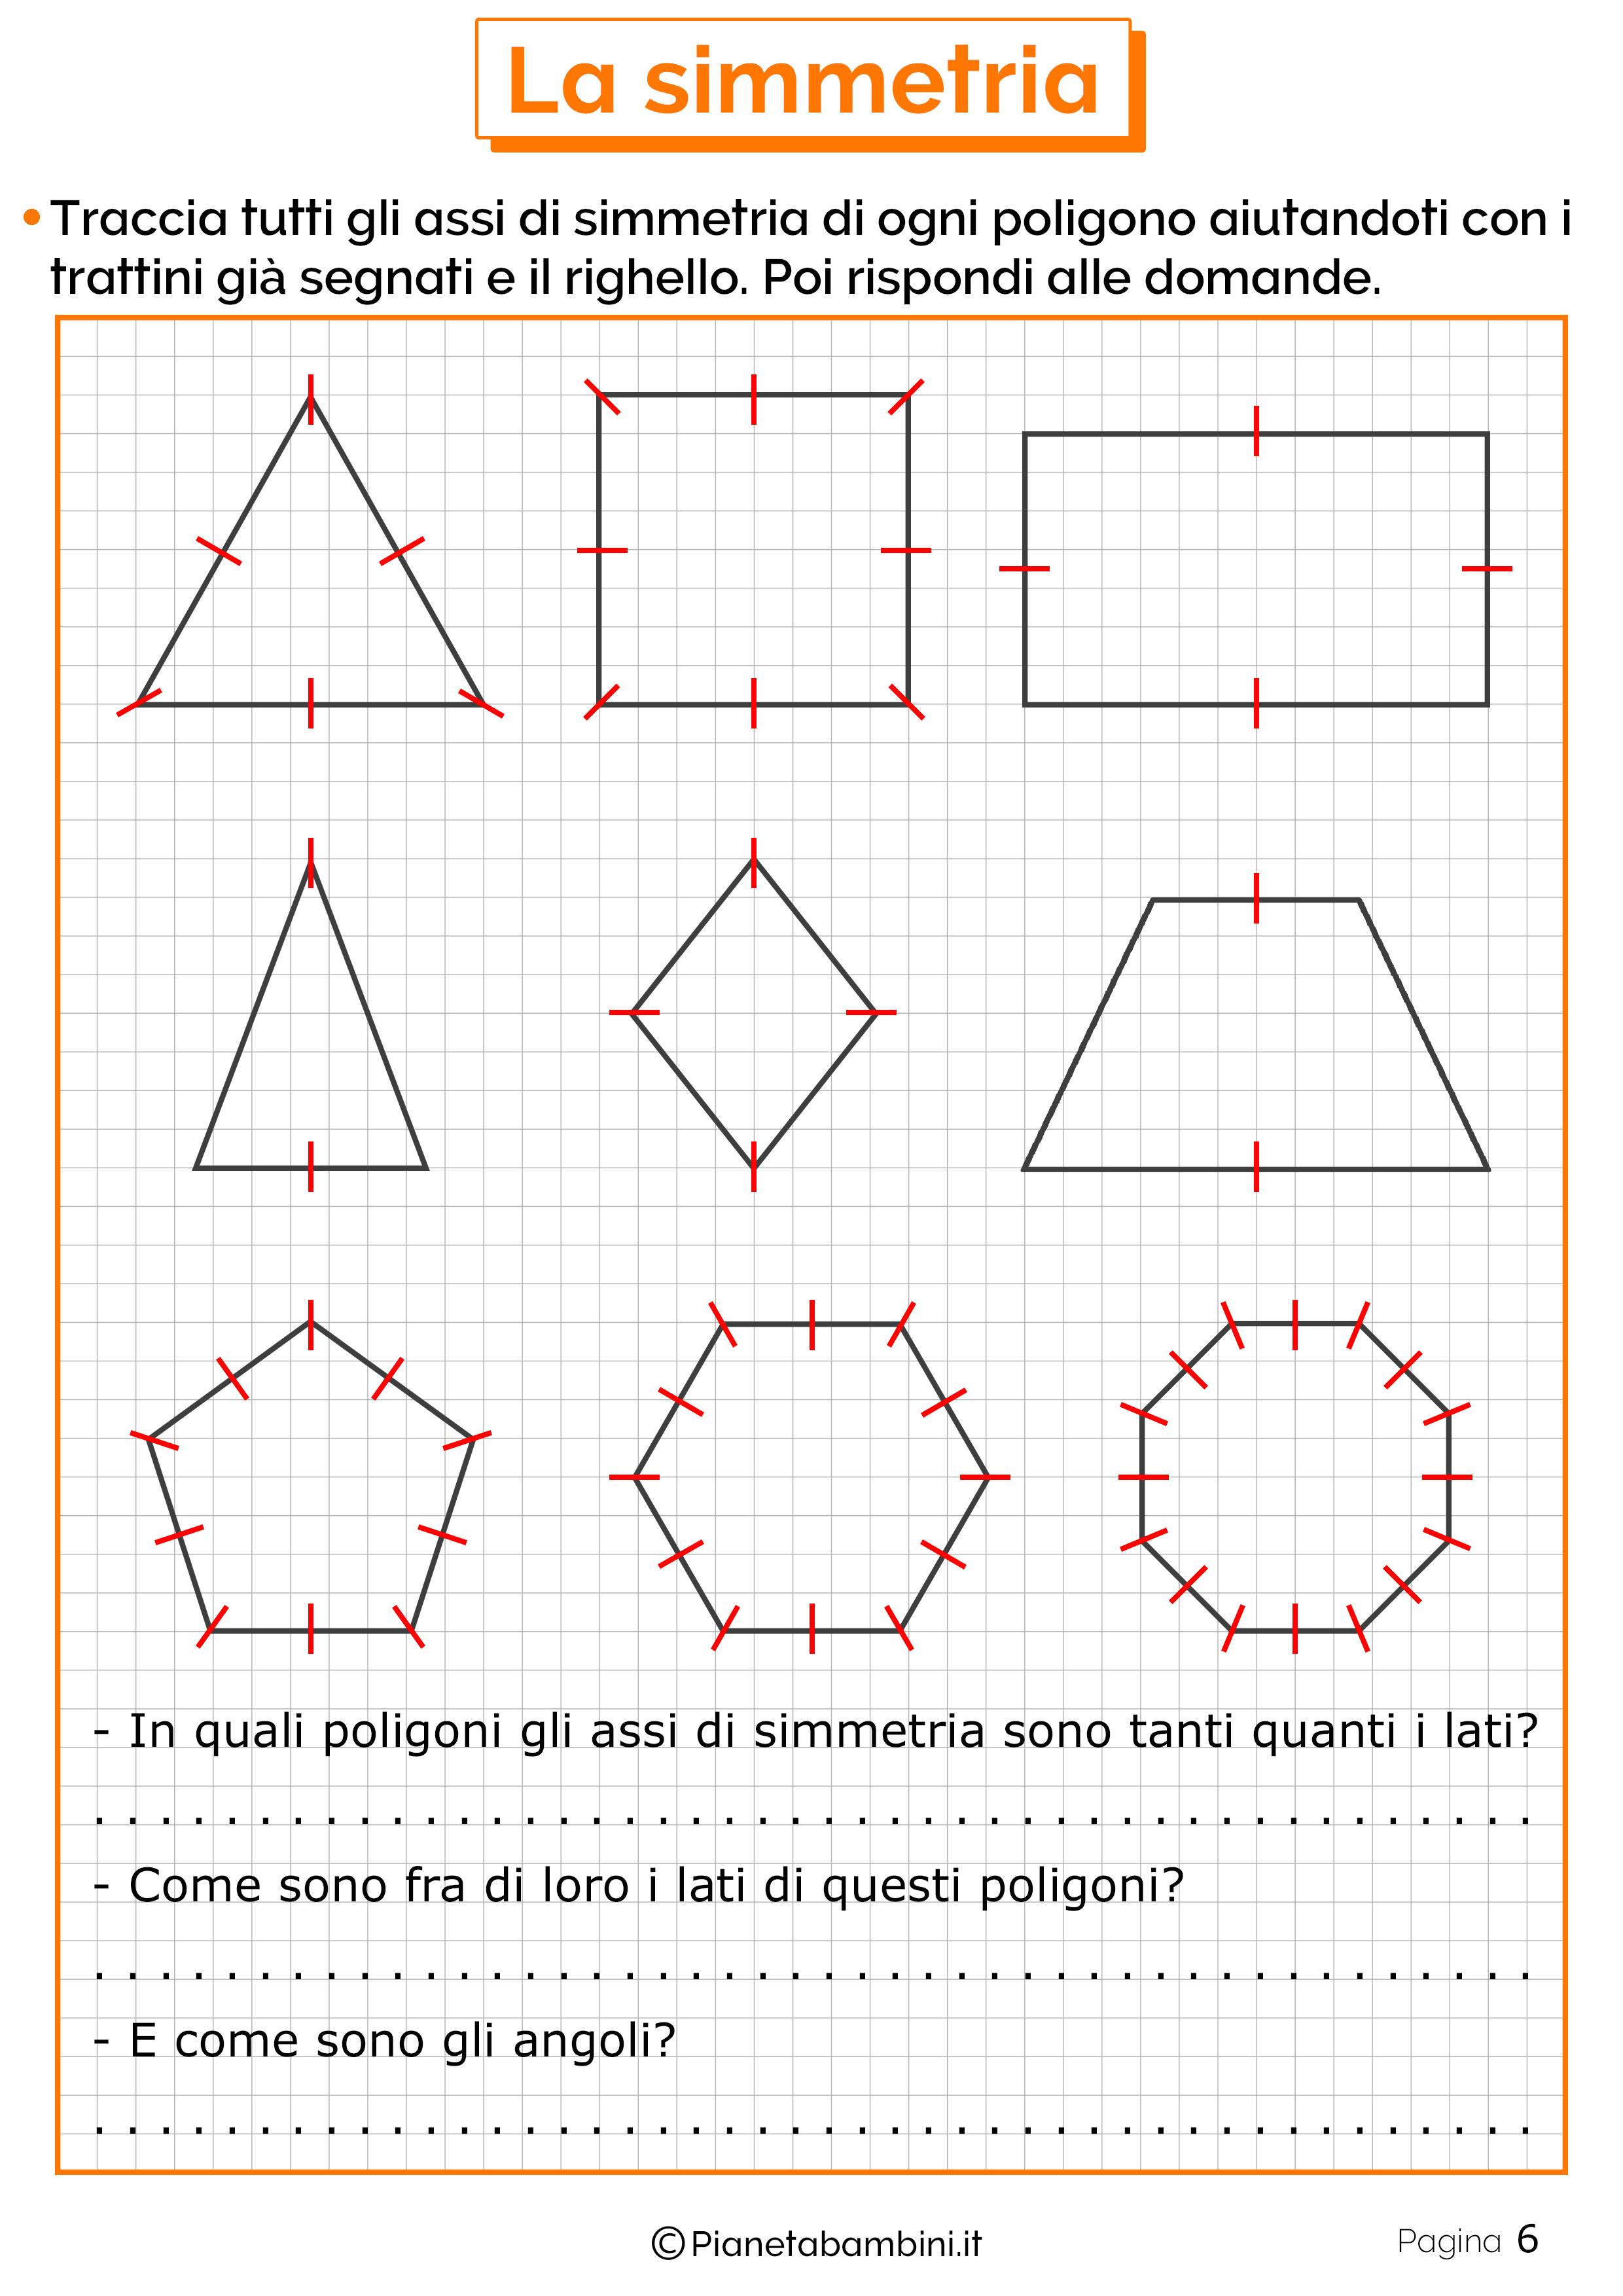 Schede didattiche sulla simmetria 6